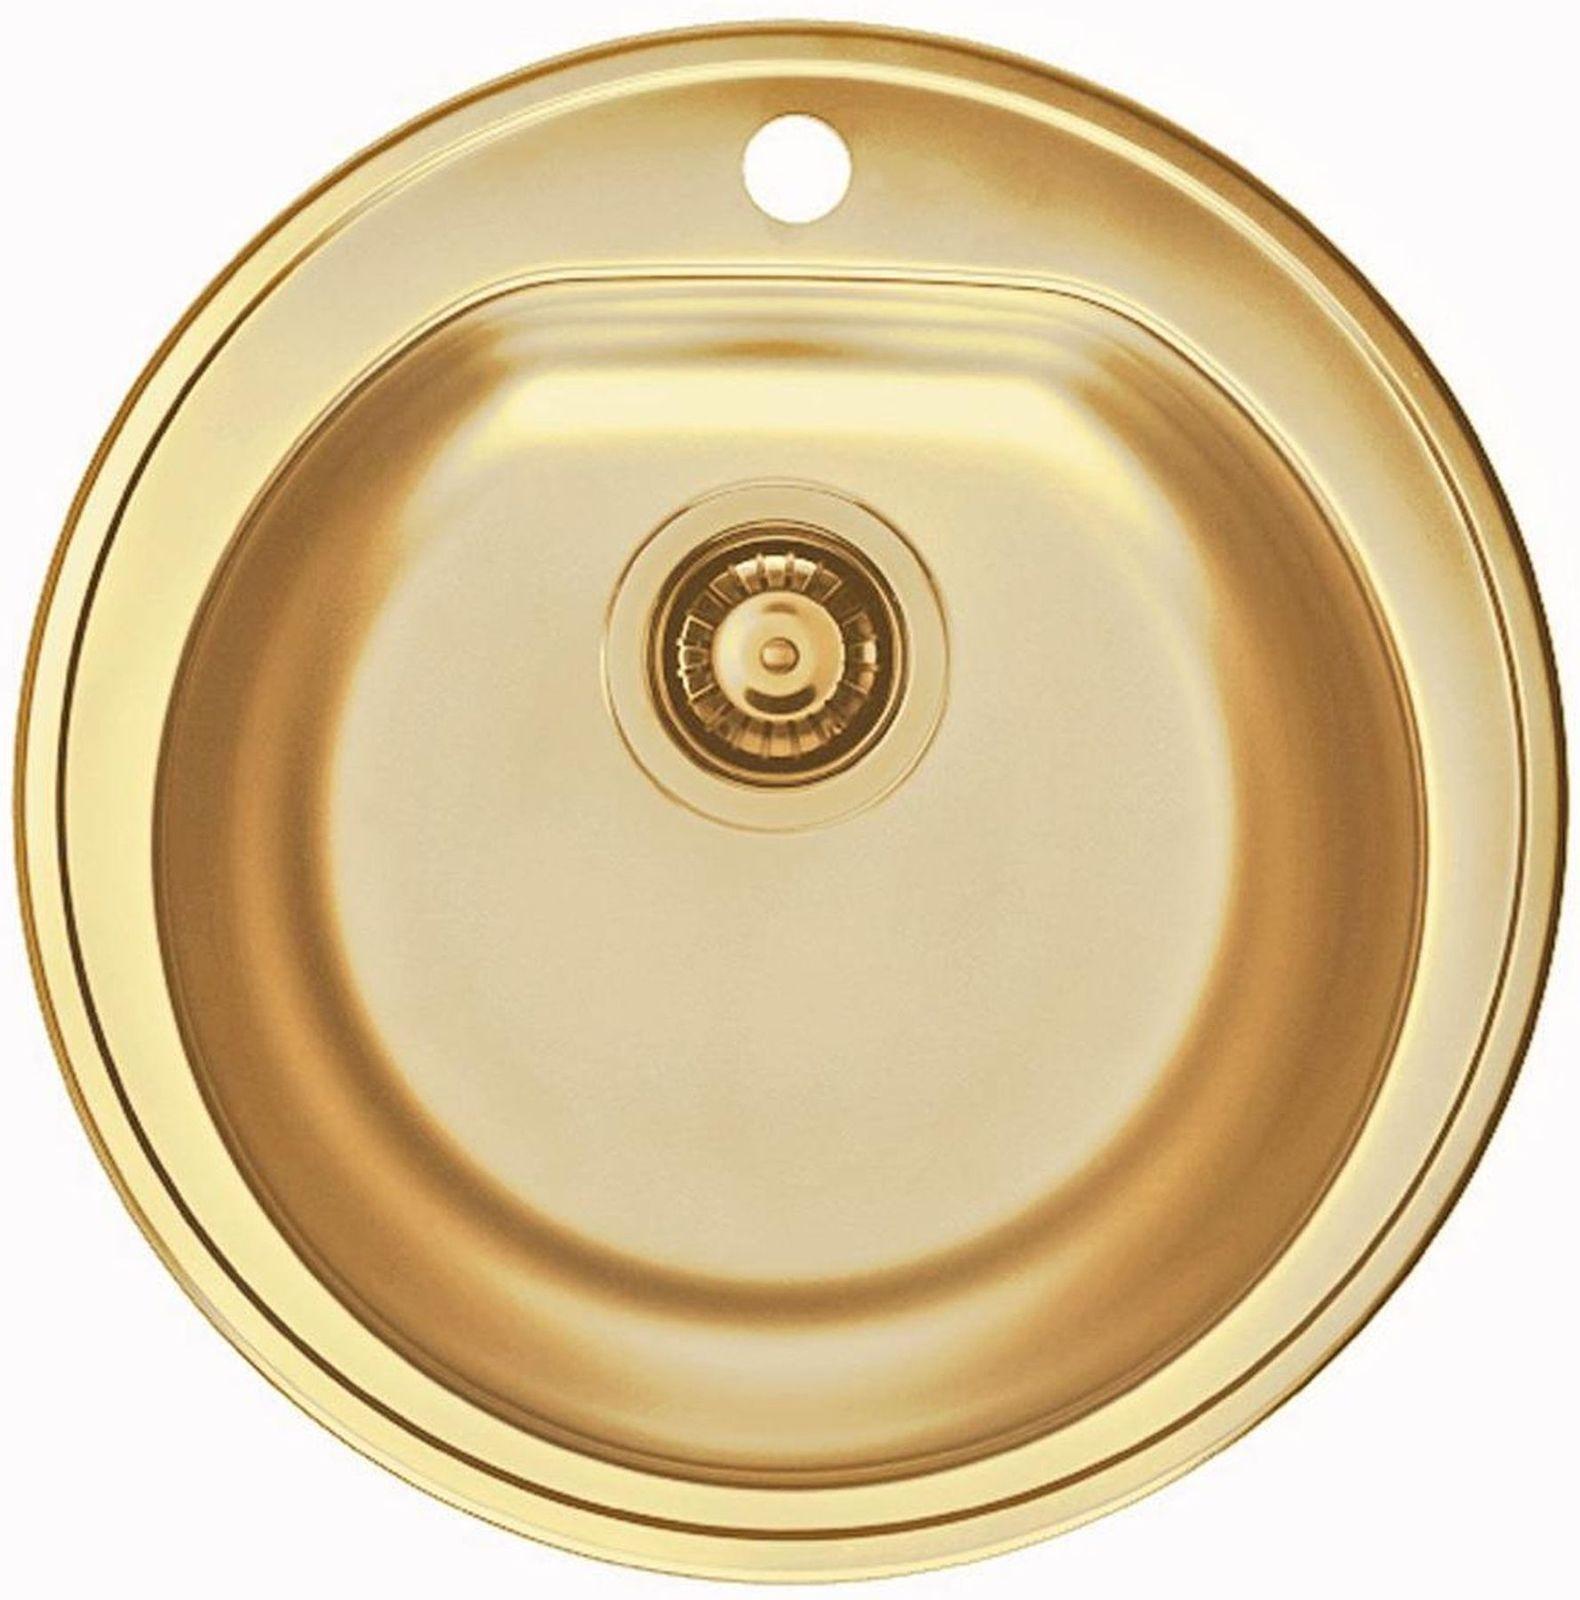 Alveus Einbau Küchenspüle Ø 510mm Gold, Anthrazit, Kupfer Spülbecken ...